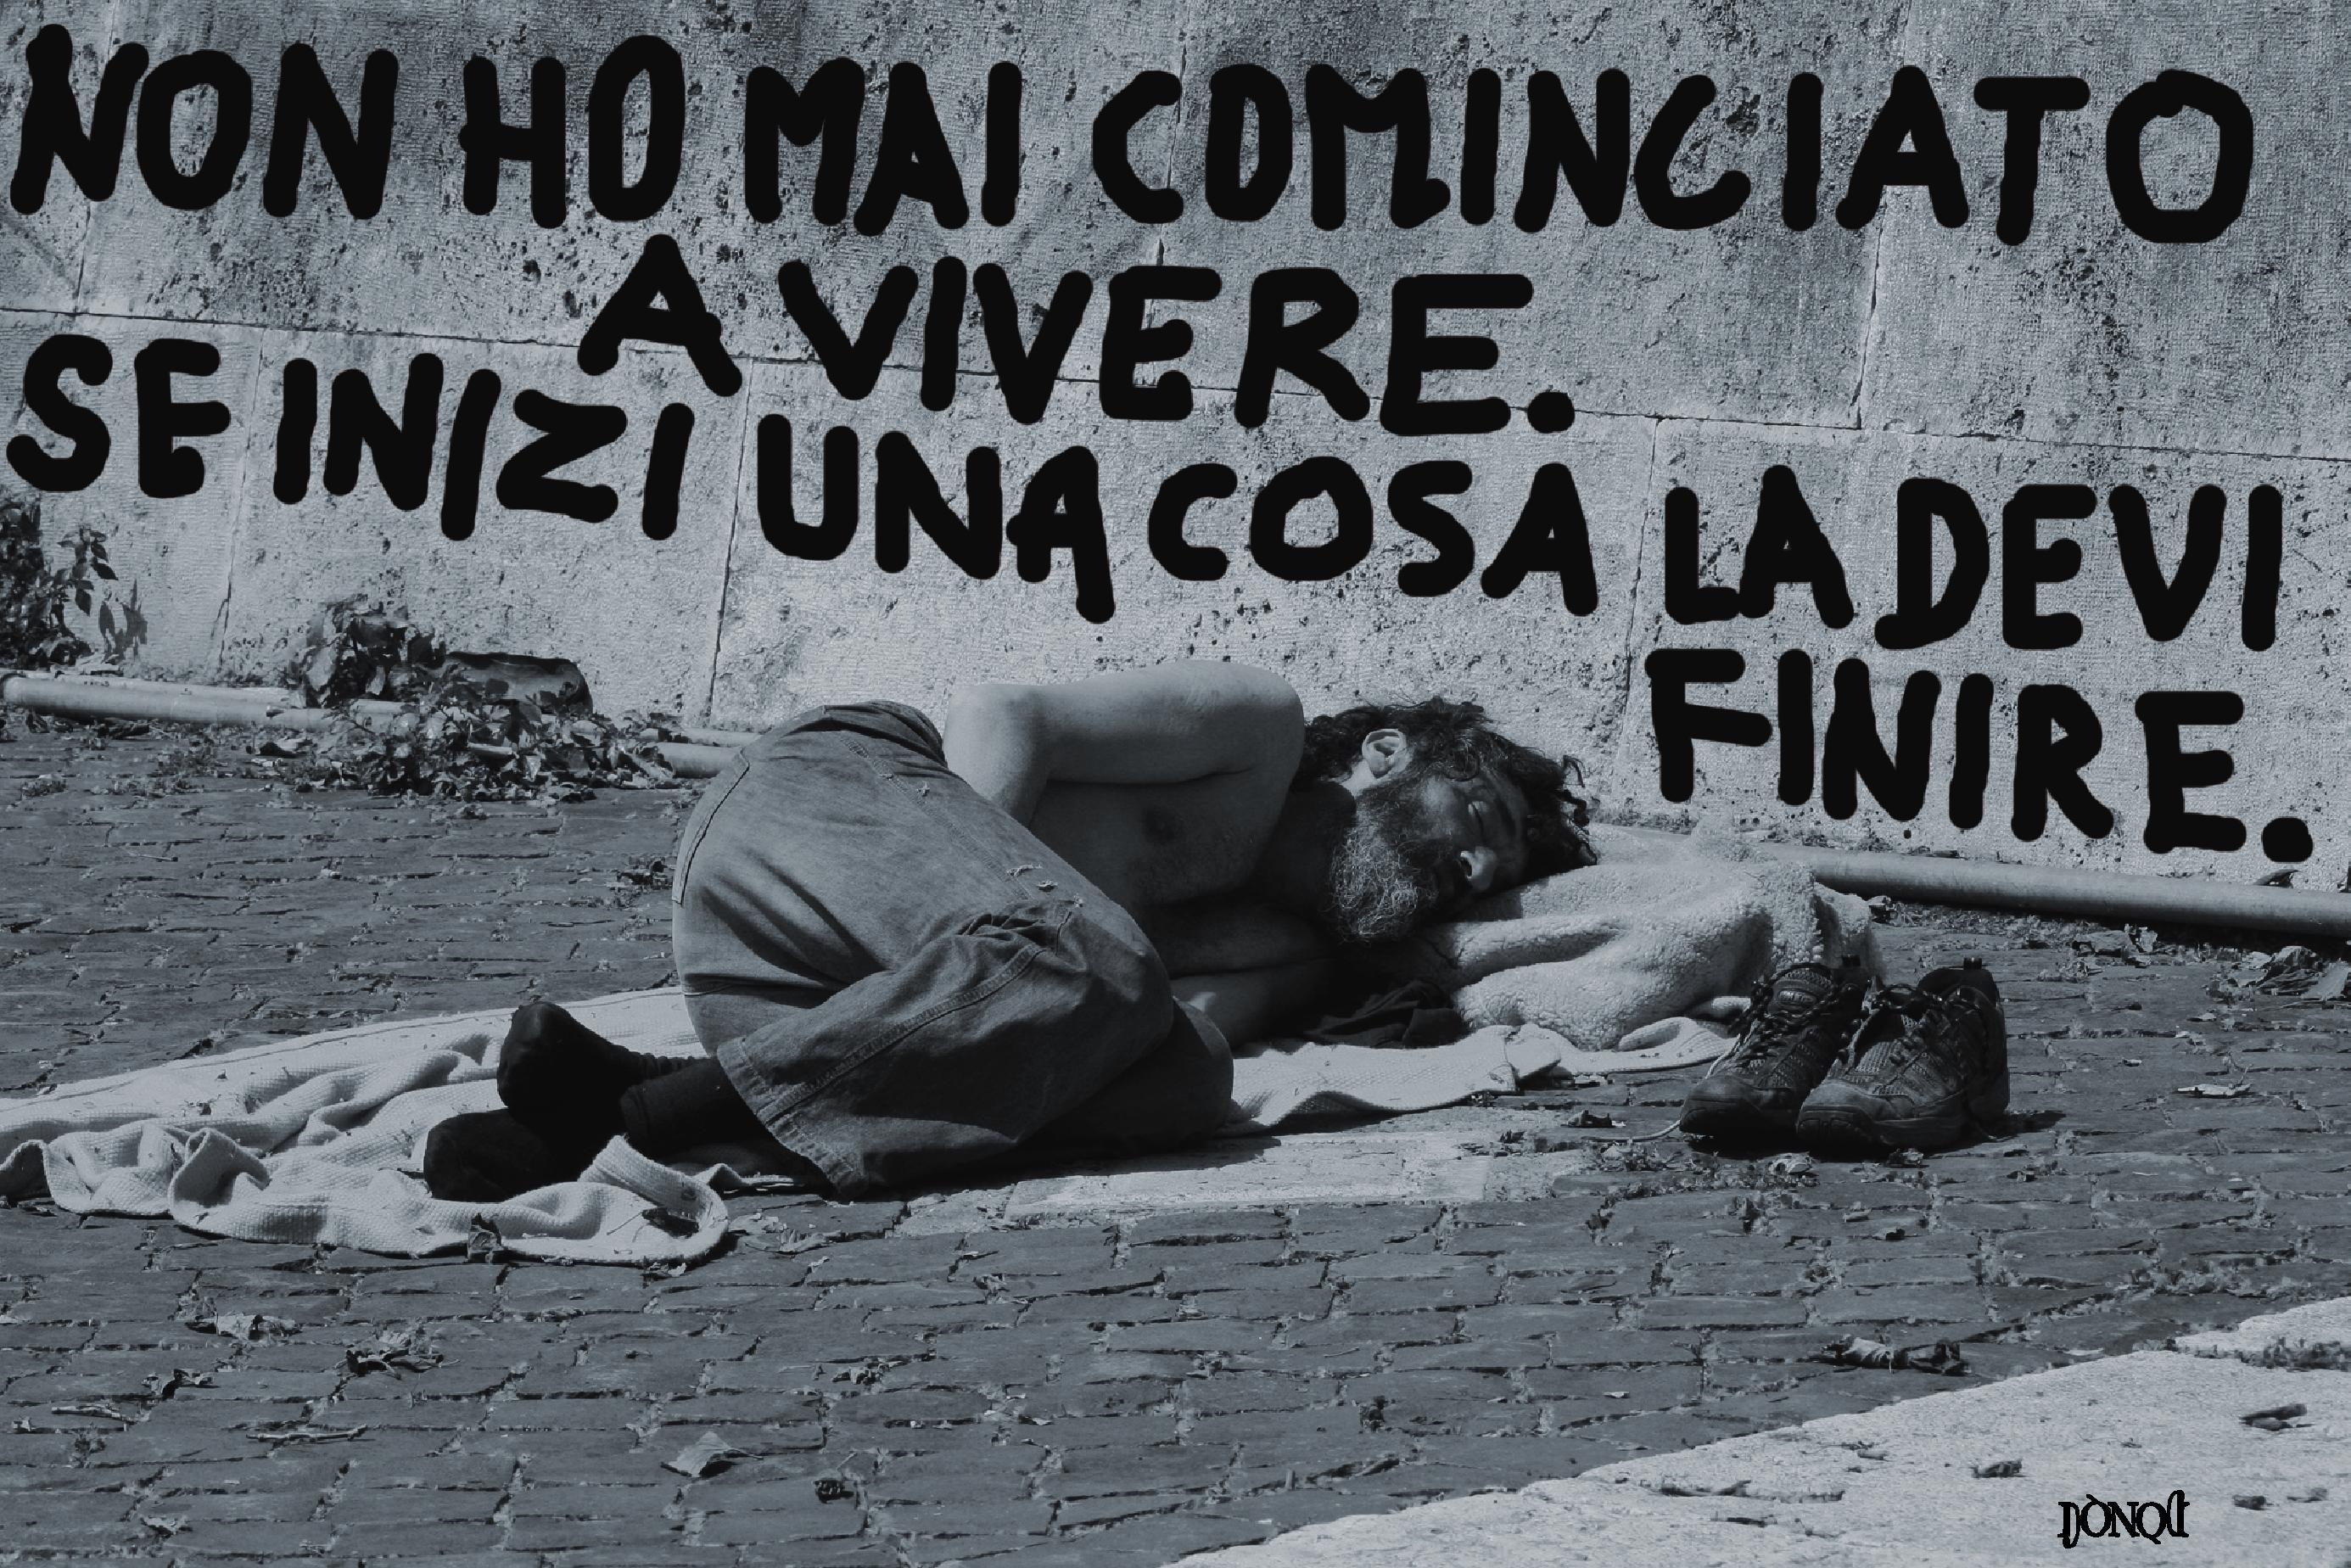 C'era una volta in Italia: il coerente oblio di chi non merita di vivere